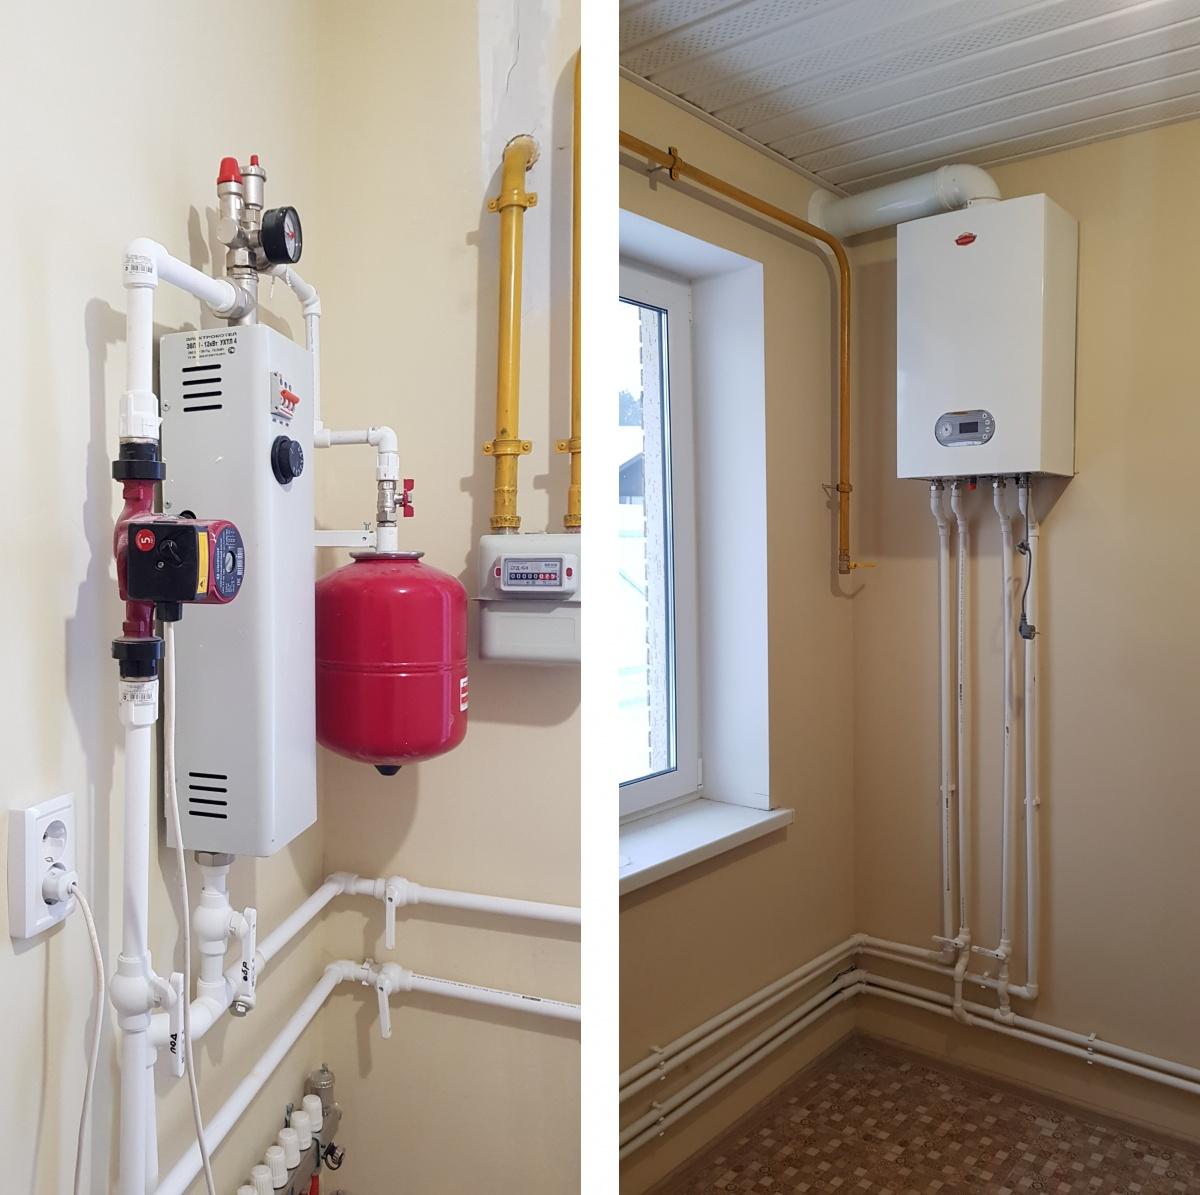 Образец устройства котельной с газовым и резервным электрическими котлами в типовом доме